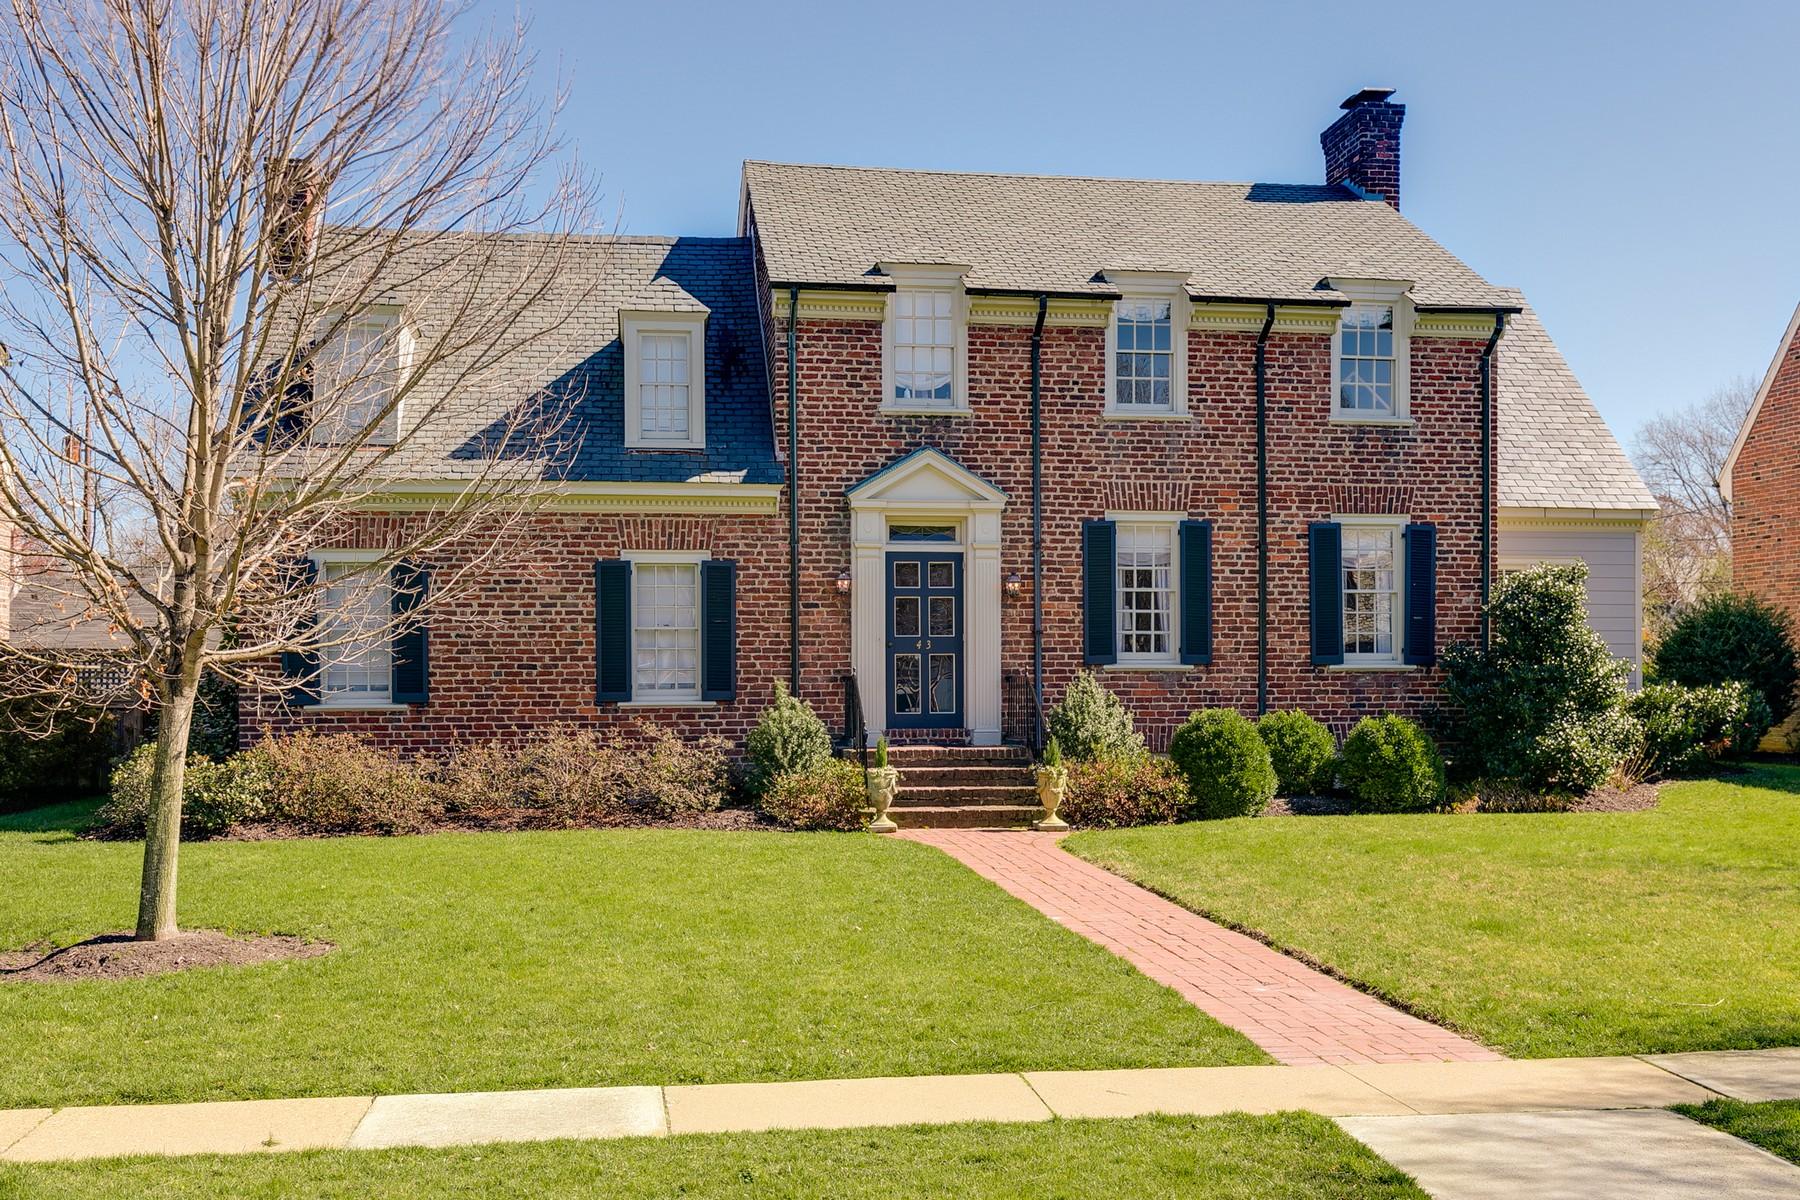 Частный односемейный дом для того Продажа на 43 Willway Avenue, Richmond 43 Willway Ave Richmond, Виргиния 23226 Соединенные Штаты